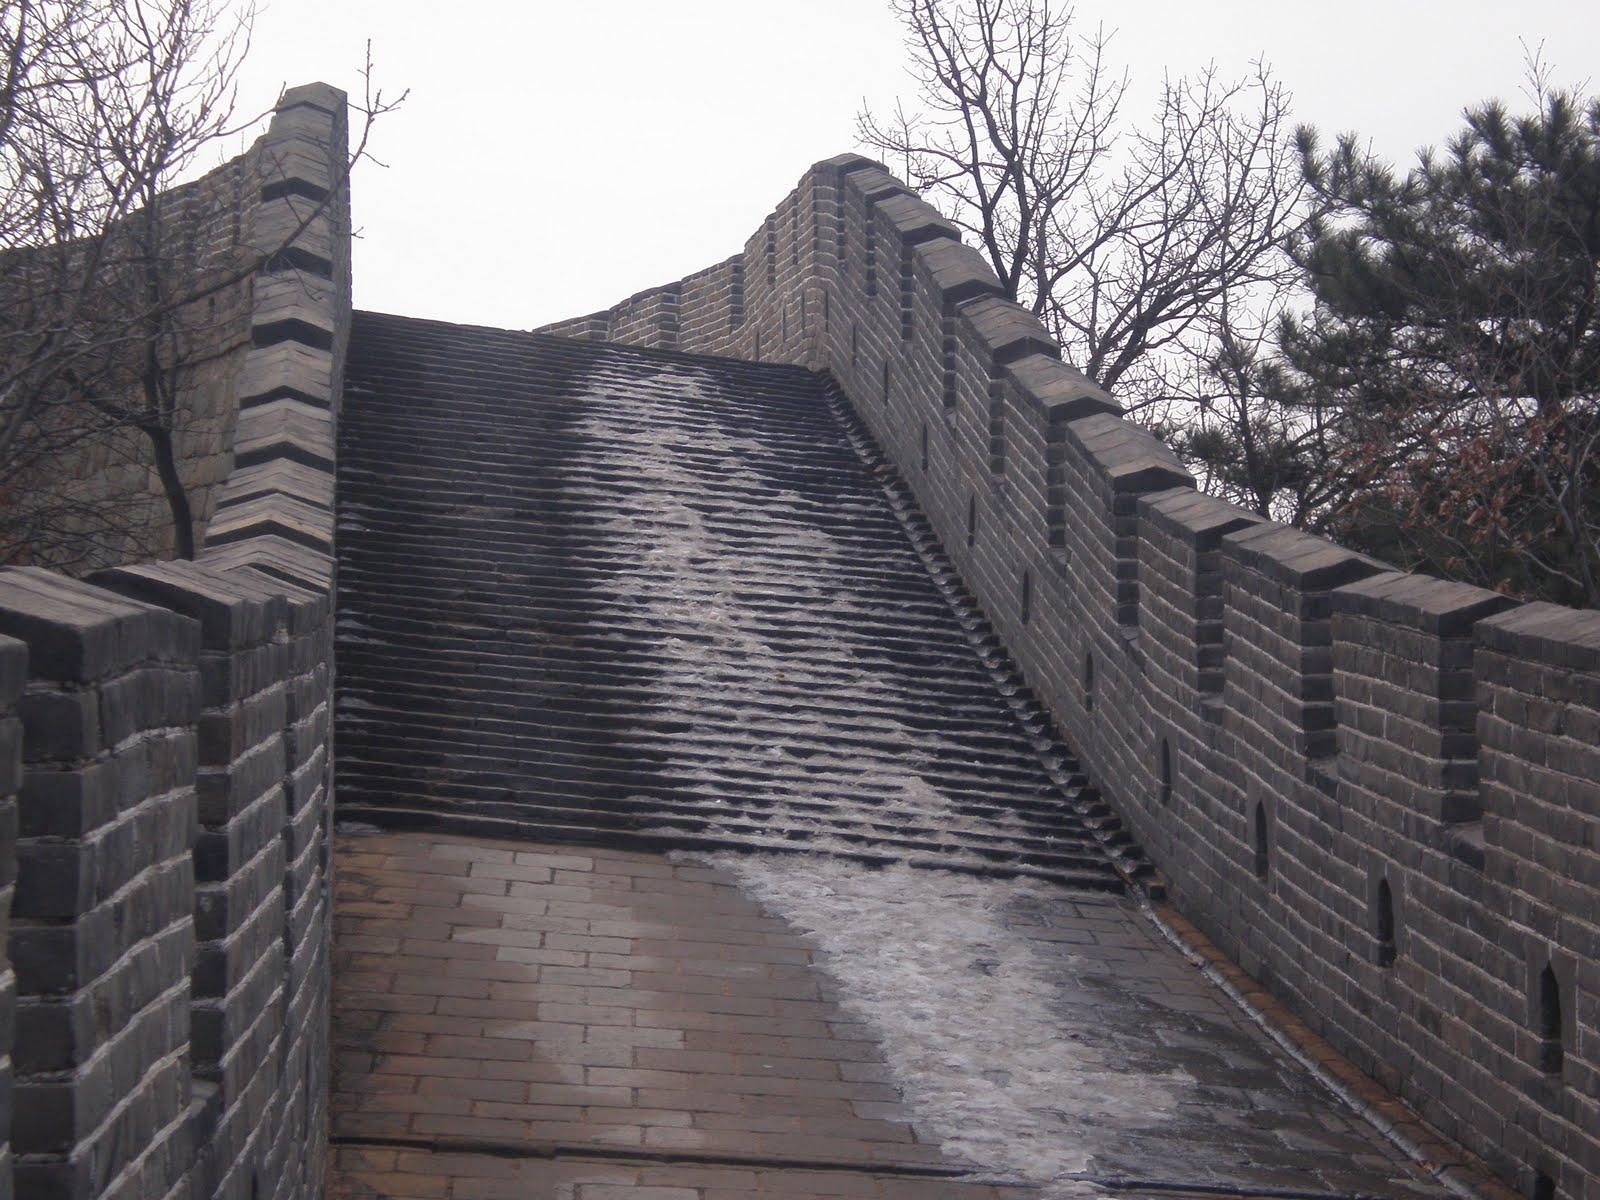 http://2.bp.blogspot.com/_nSGRfA3ITIo/S72UuoQohMI/AAAAAAAABB8/3oKntXdJ05Y/s1600/Beijing+Wall+11.JPG